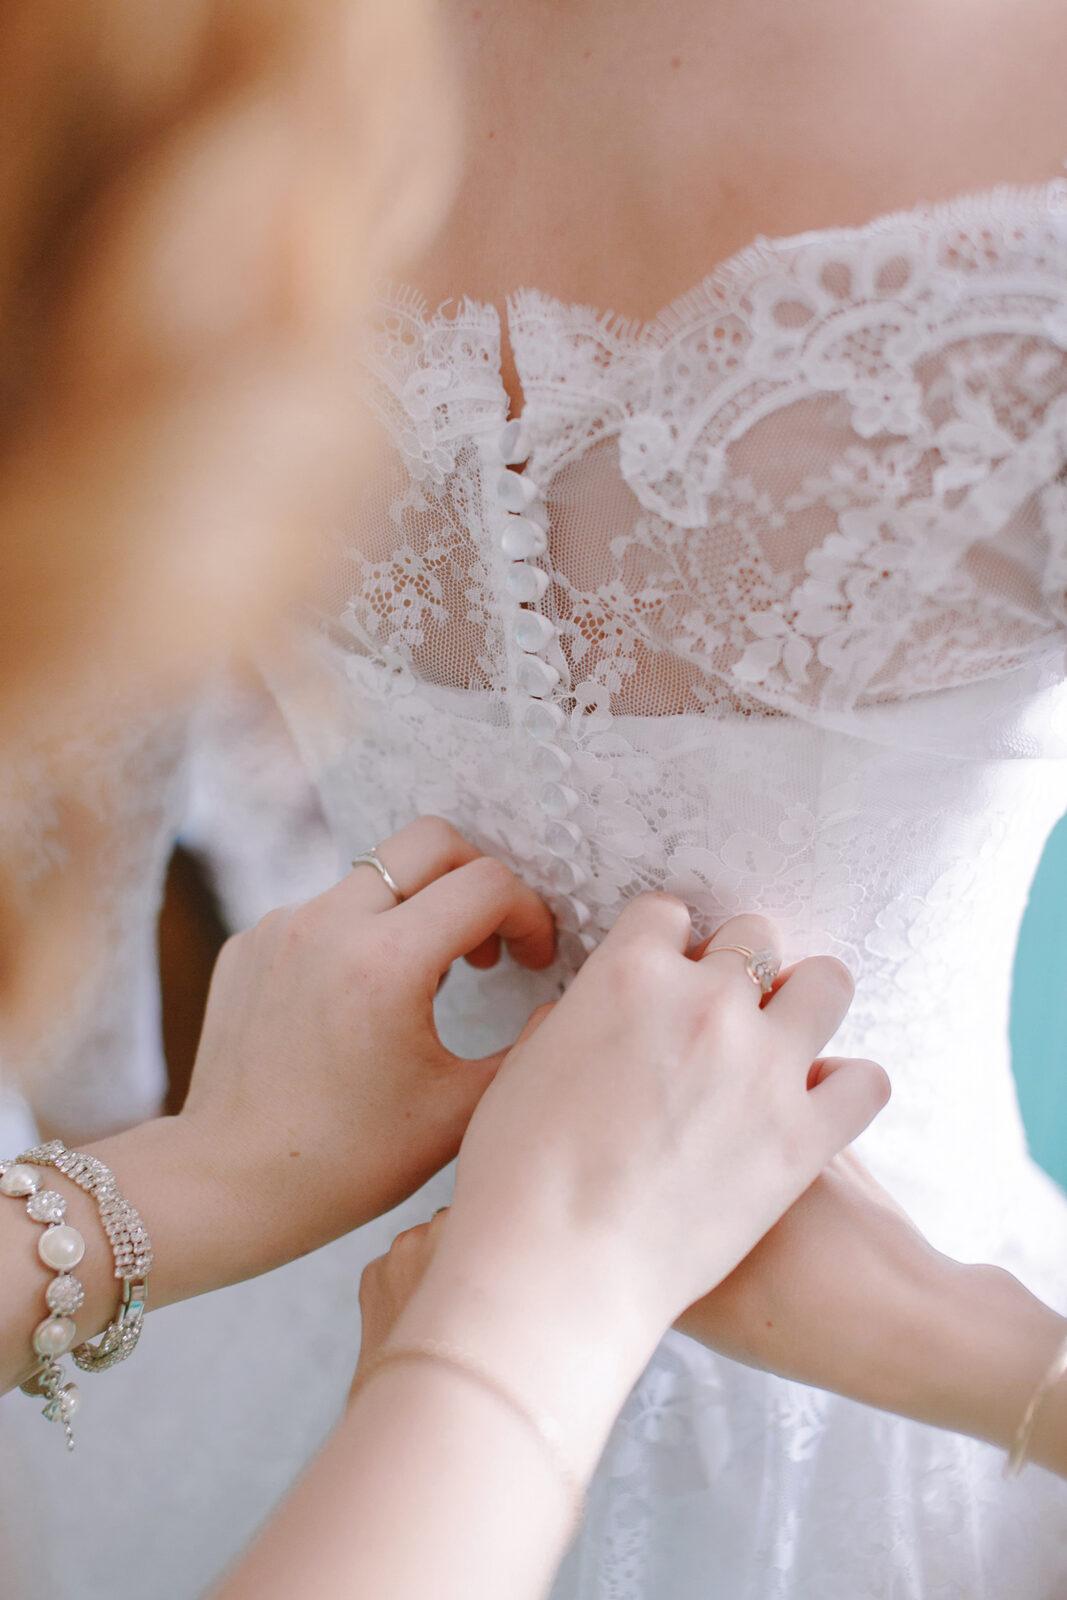 Zuknöpfen des Brautkleides von Frau mit Ringen